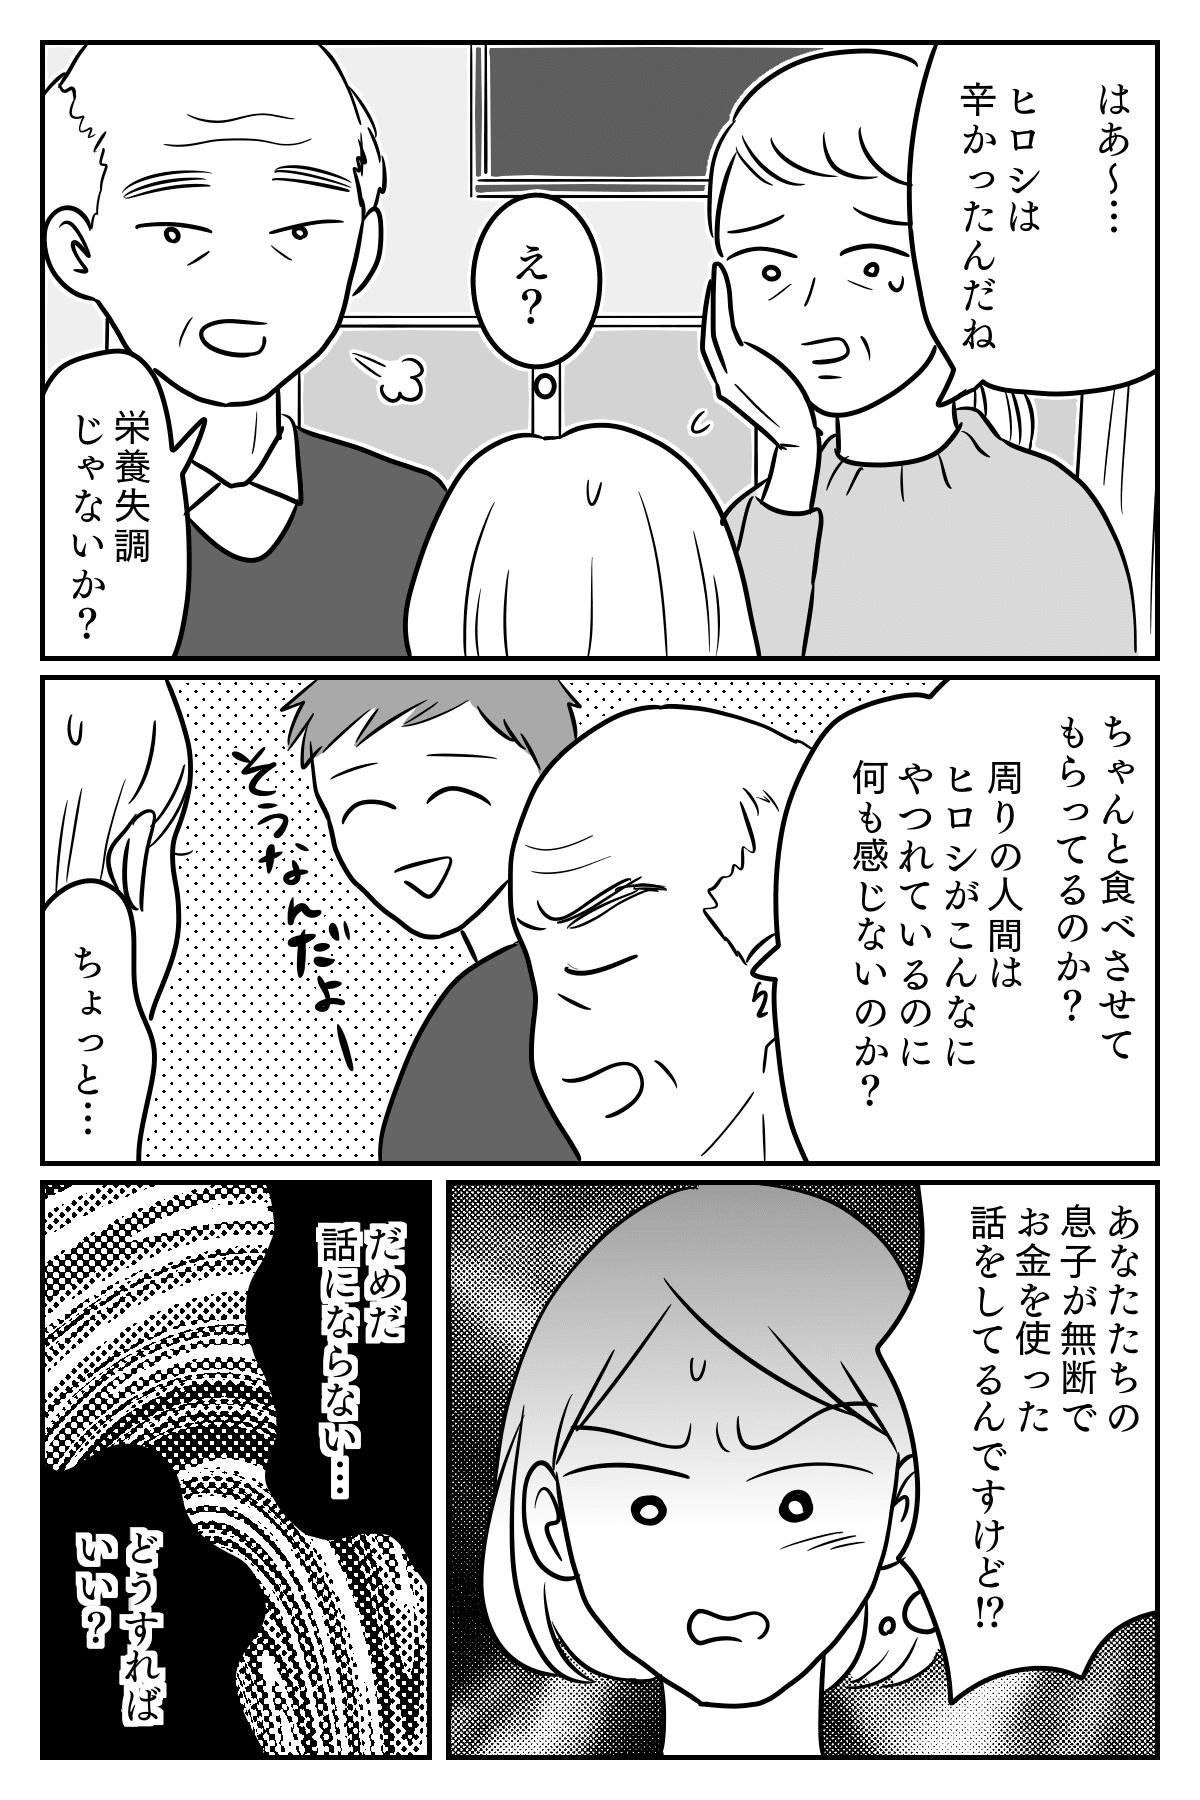 【前編】「600万がない!」夫の貯金使い込みが発覚!